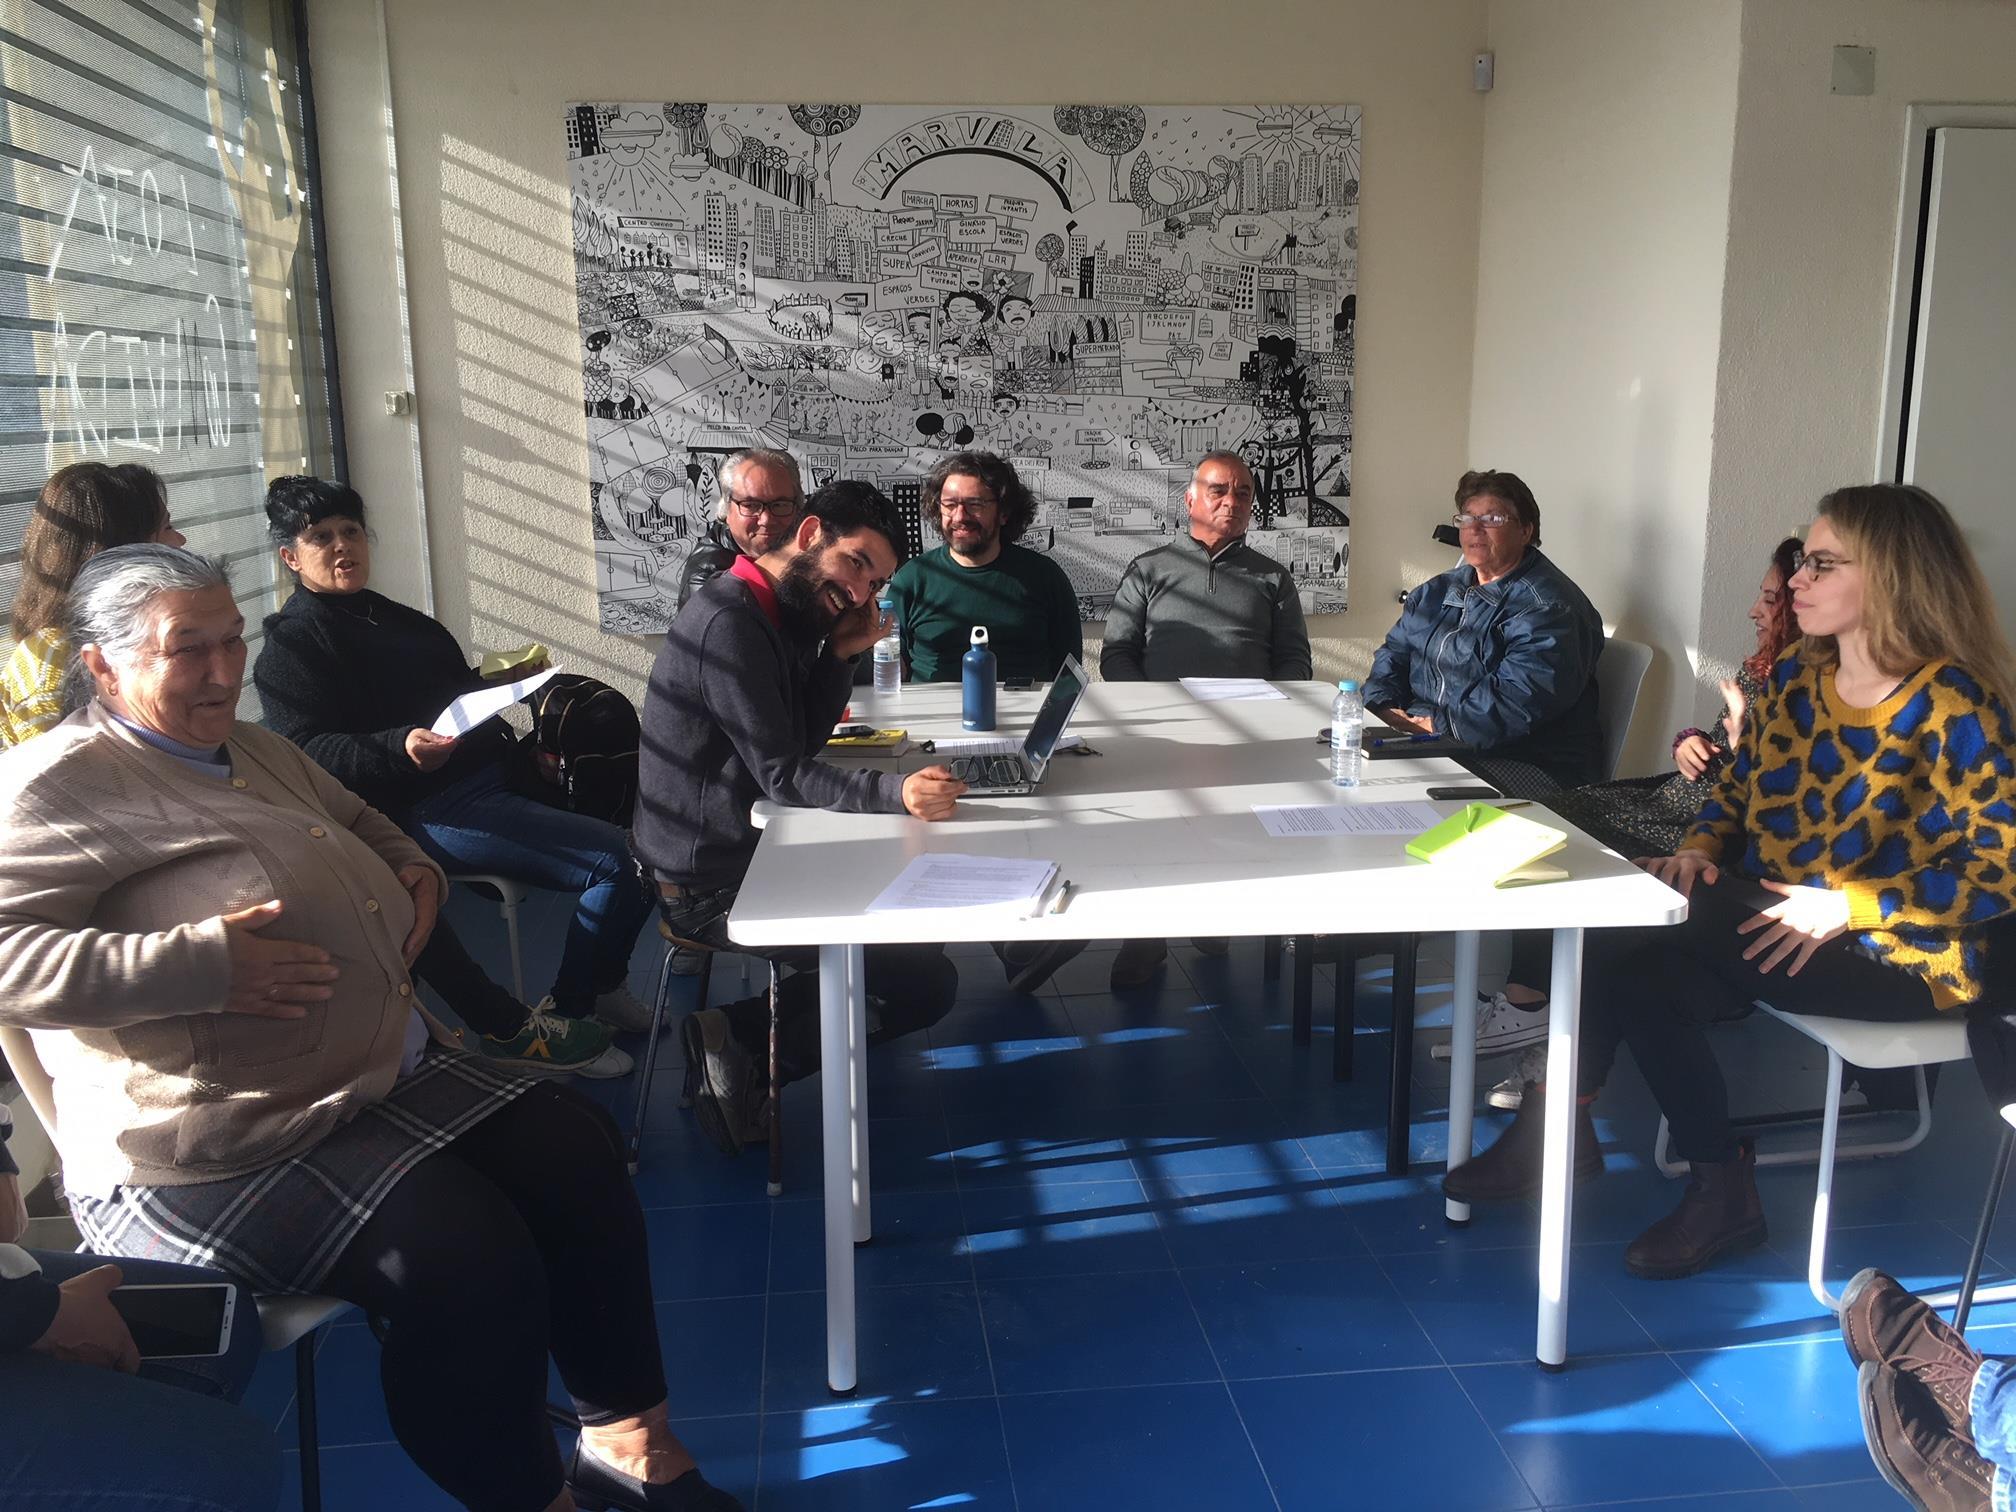 Preparação da participação da intervenção do grupo comunitário Quarto Crescente na Reunião Descentralizada da Câmara de Lisboa